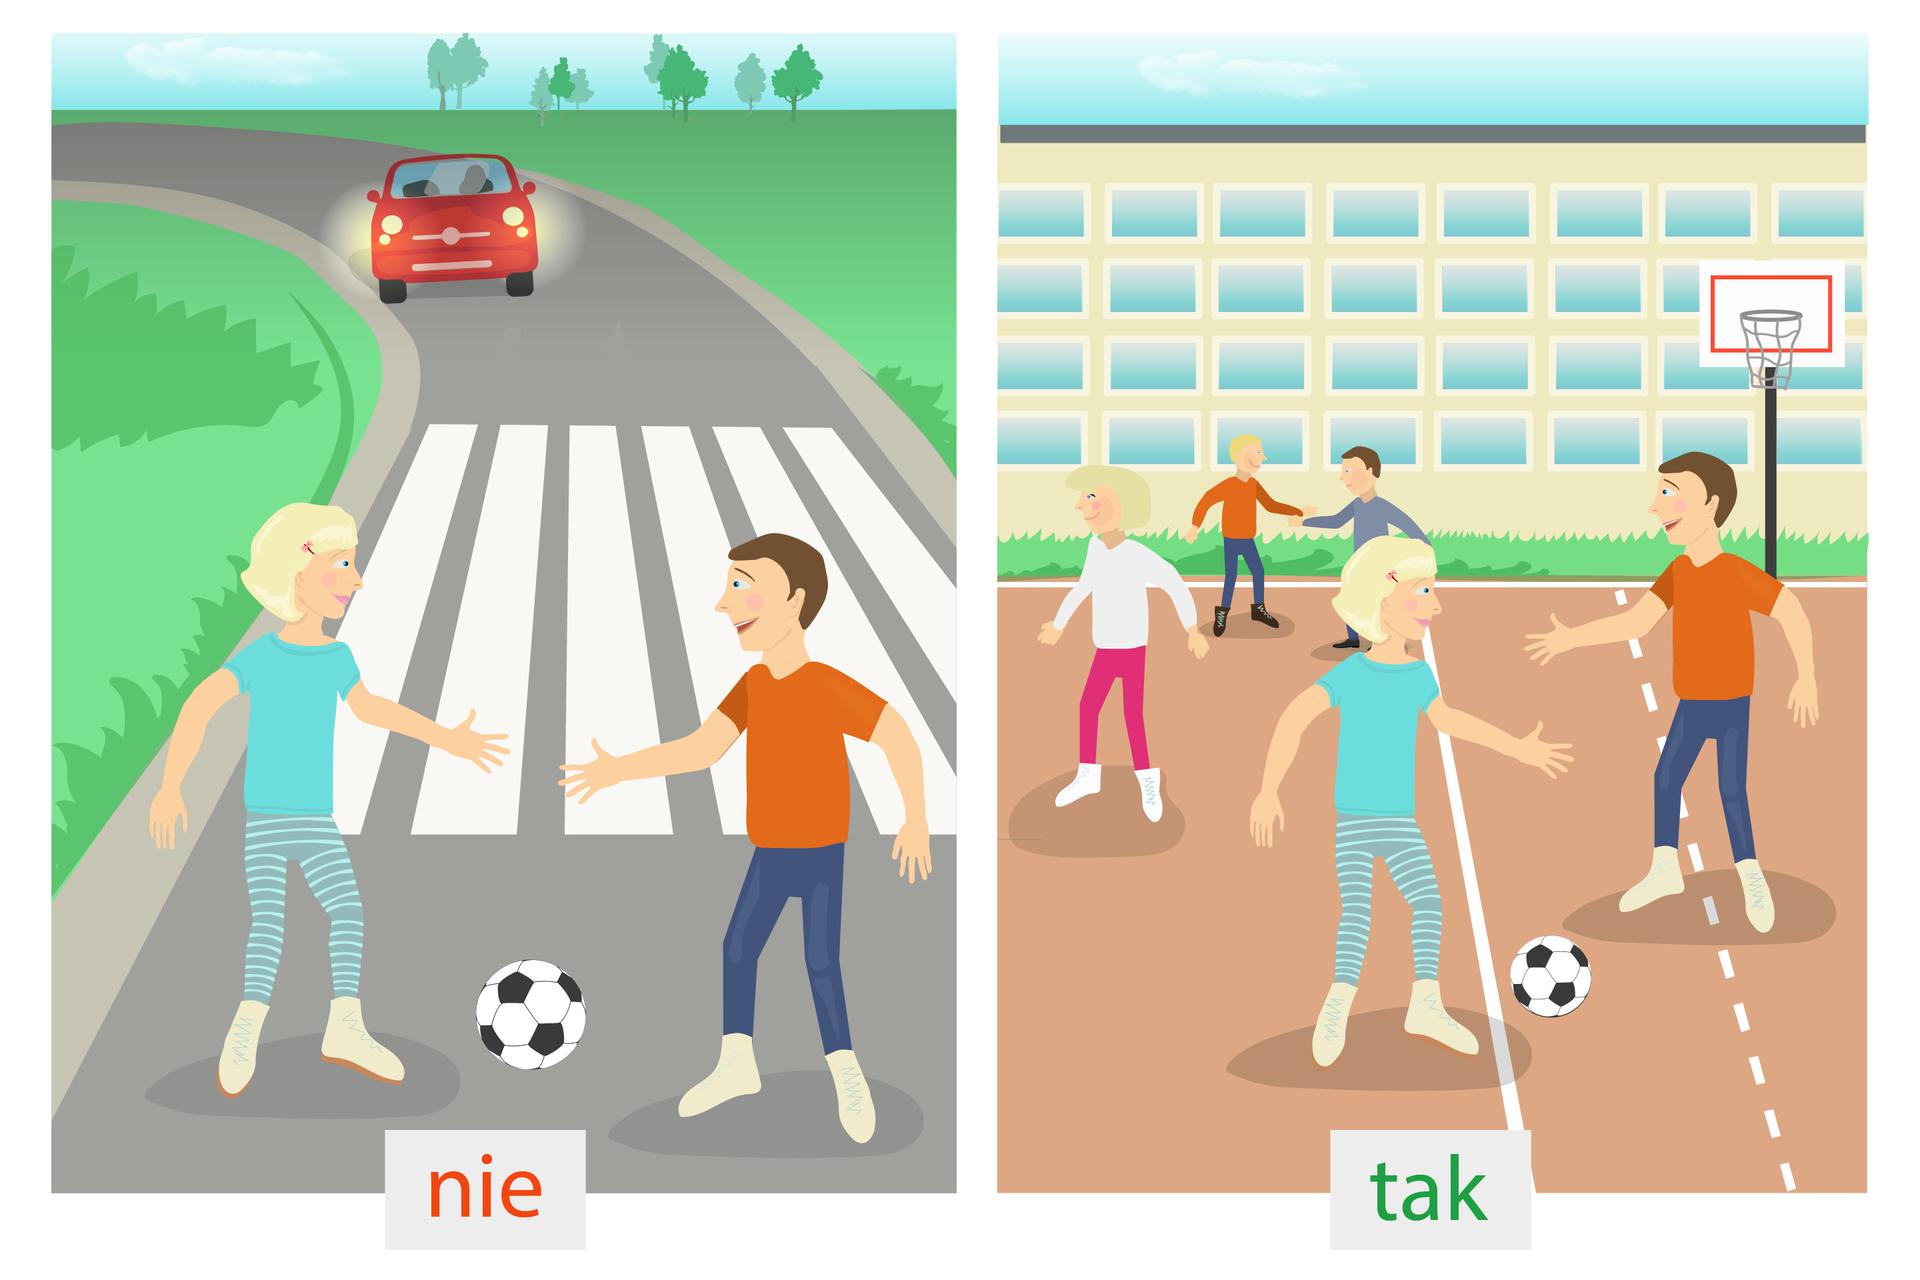 Trzeci rysunek: po lewej stronie dzieci grają wpiłkę przy jezdni. Po prawej stronie dzieci grają wpiłkę na boisku lub placu zabaw.